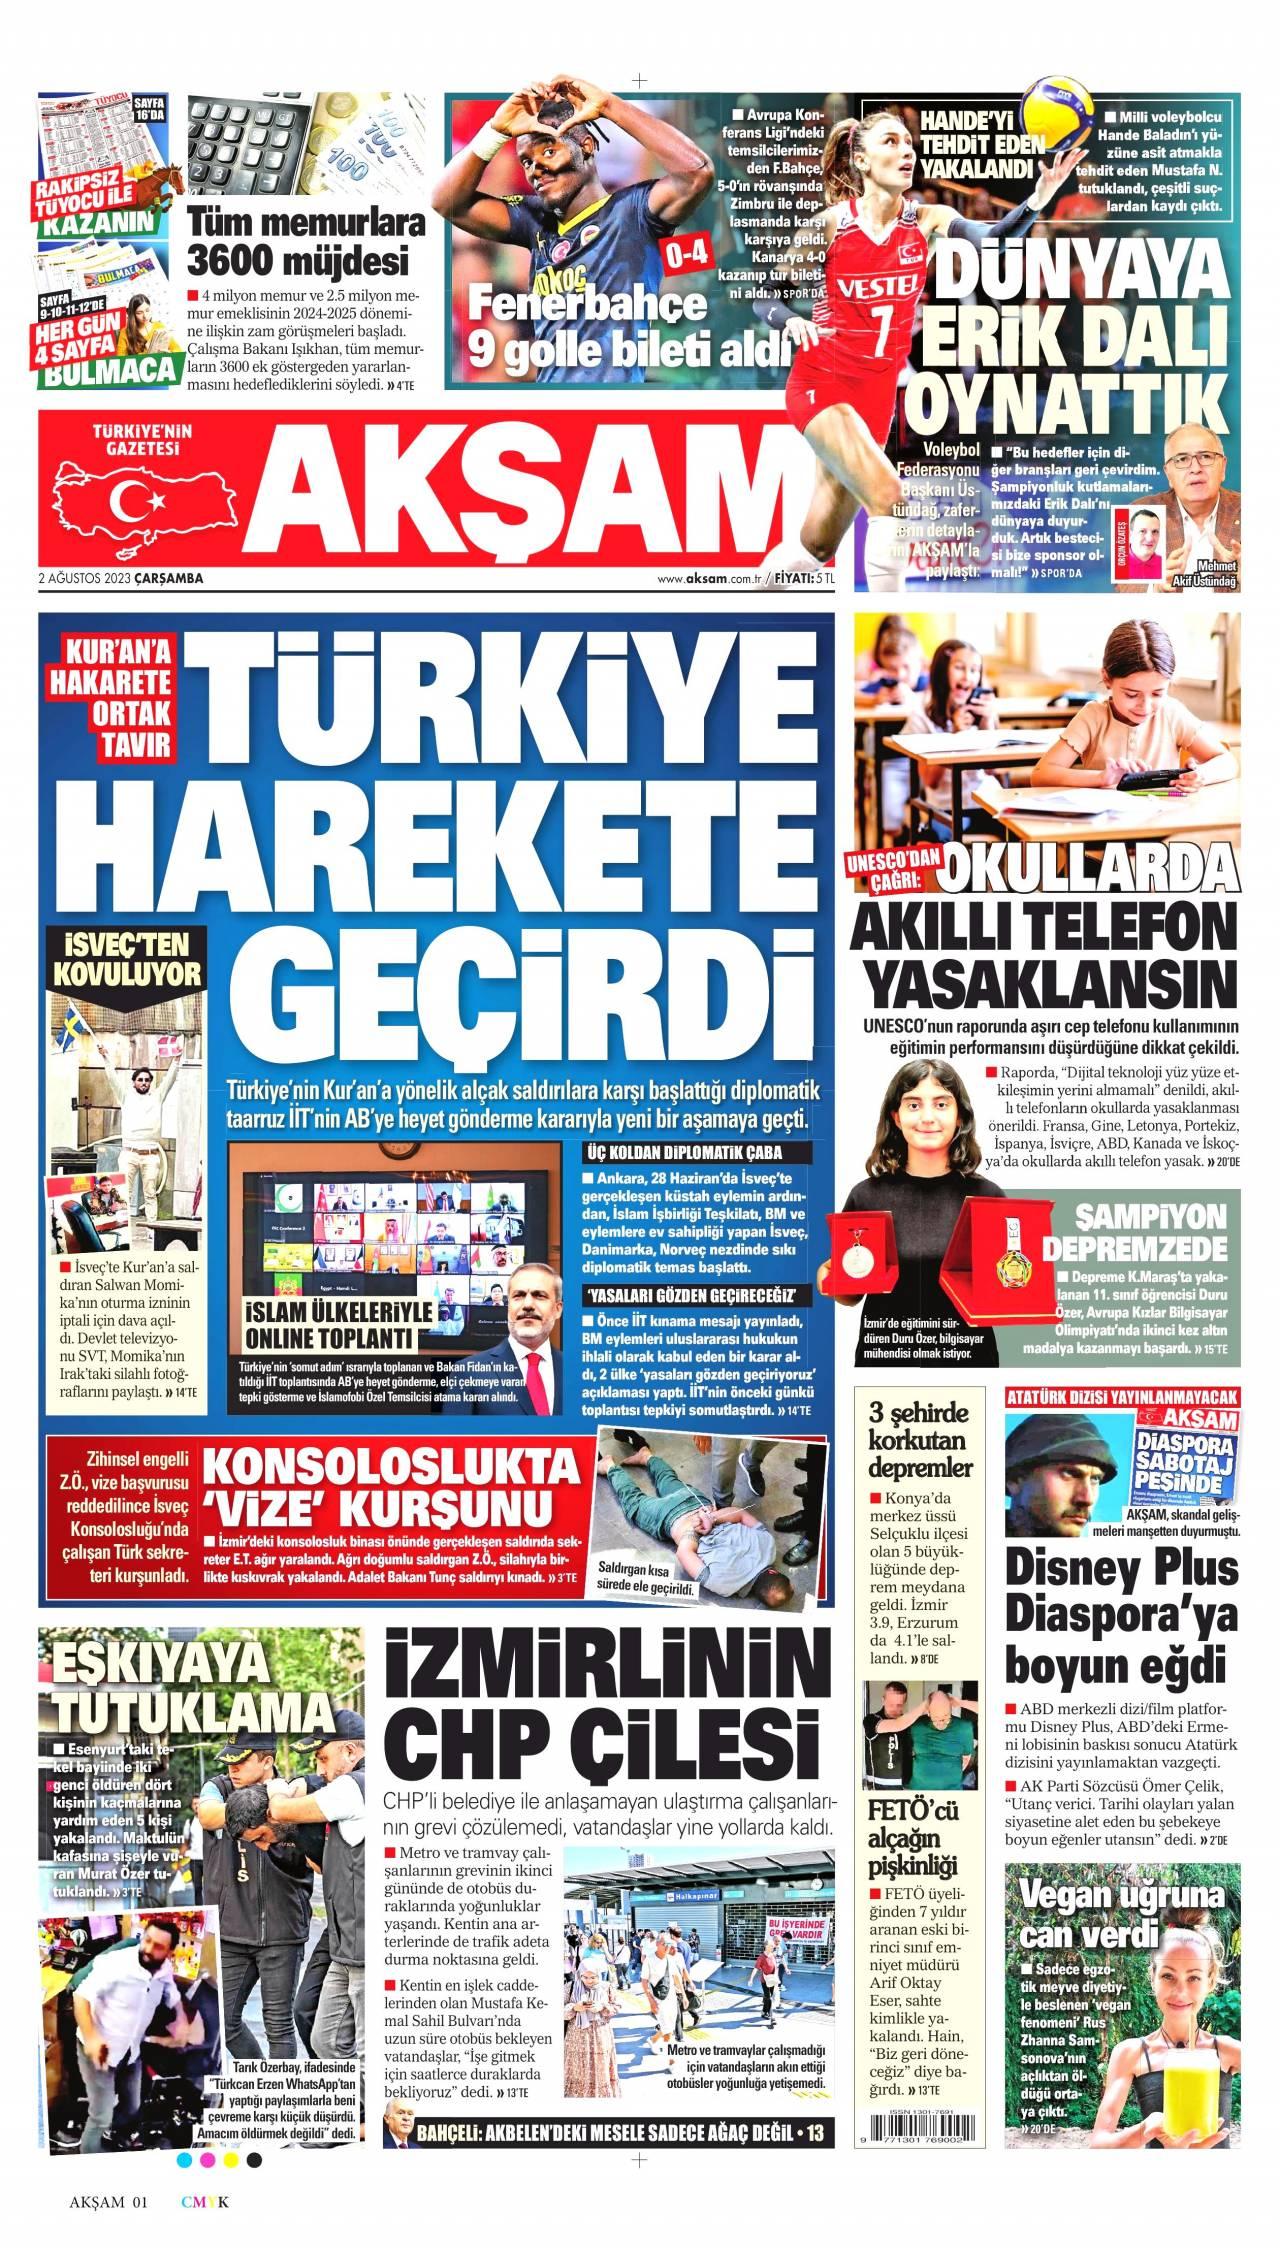 aksam Gazetesi 1. sayfası